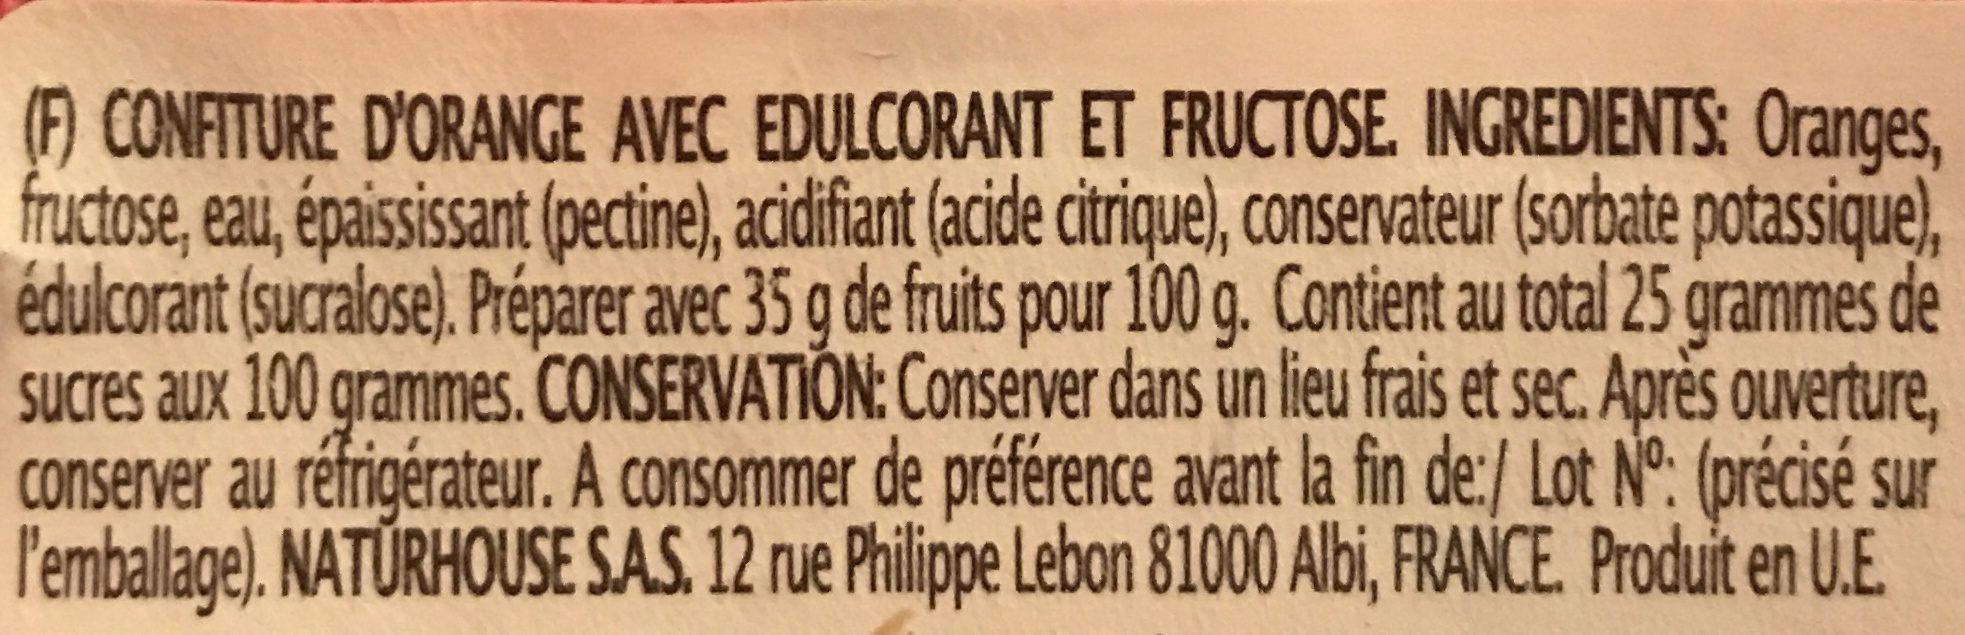 Dietesse-3 - Ingrediënten